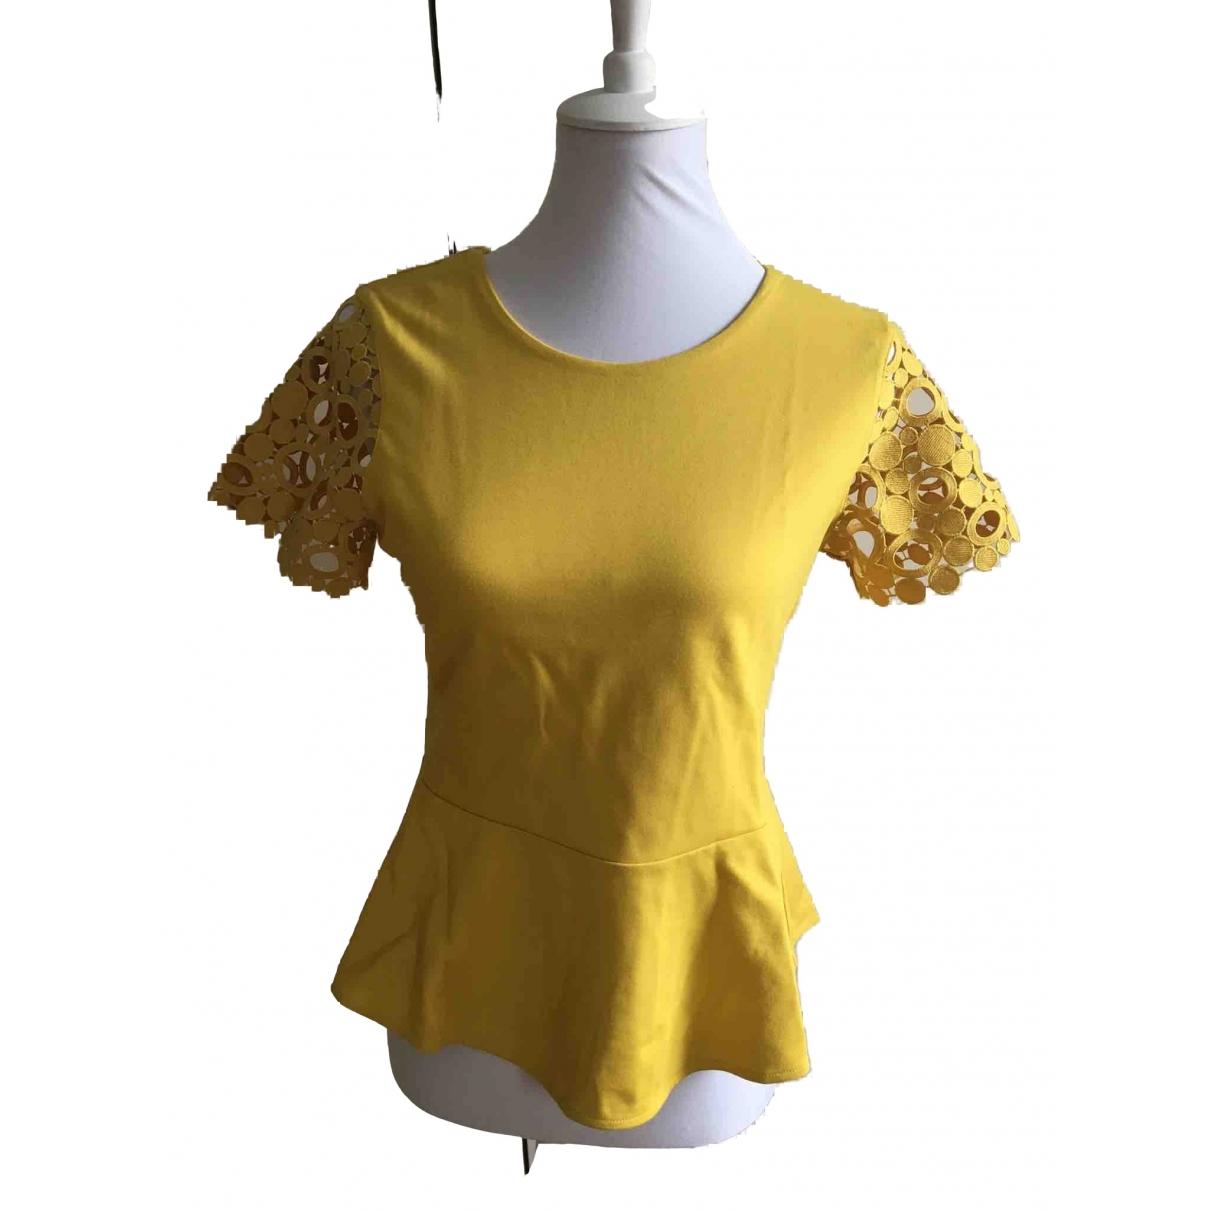 Karen Millen - Top   pour femme - jaune